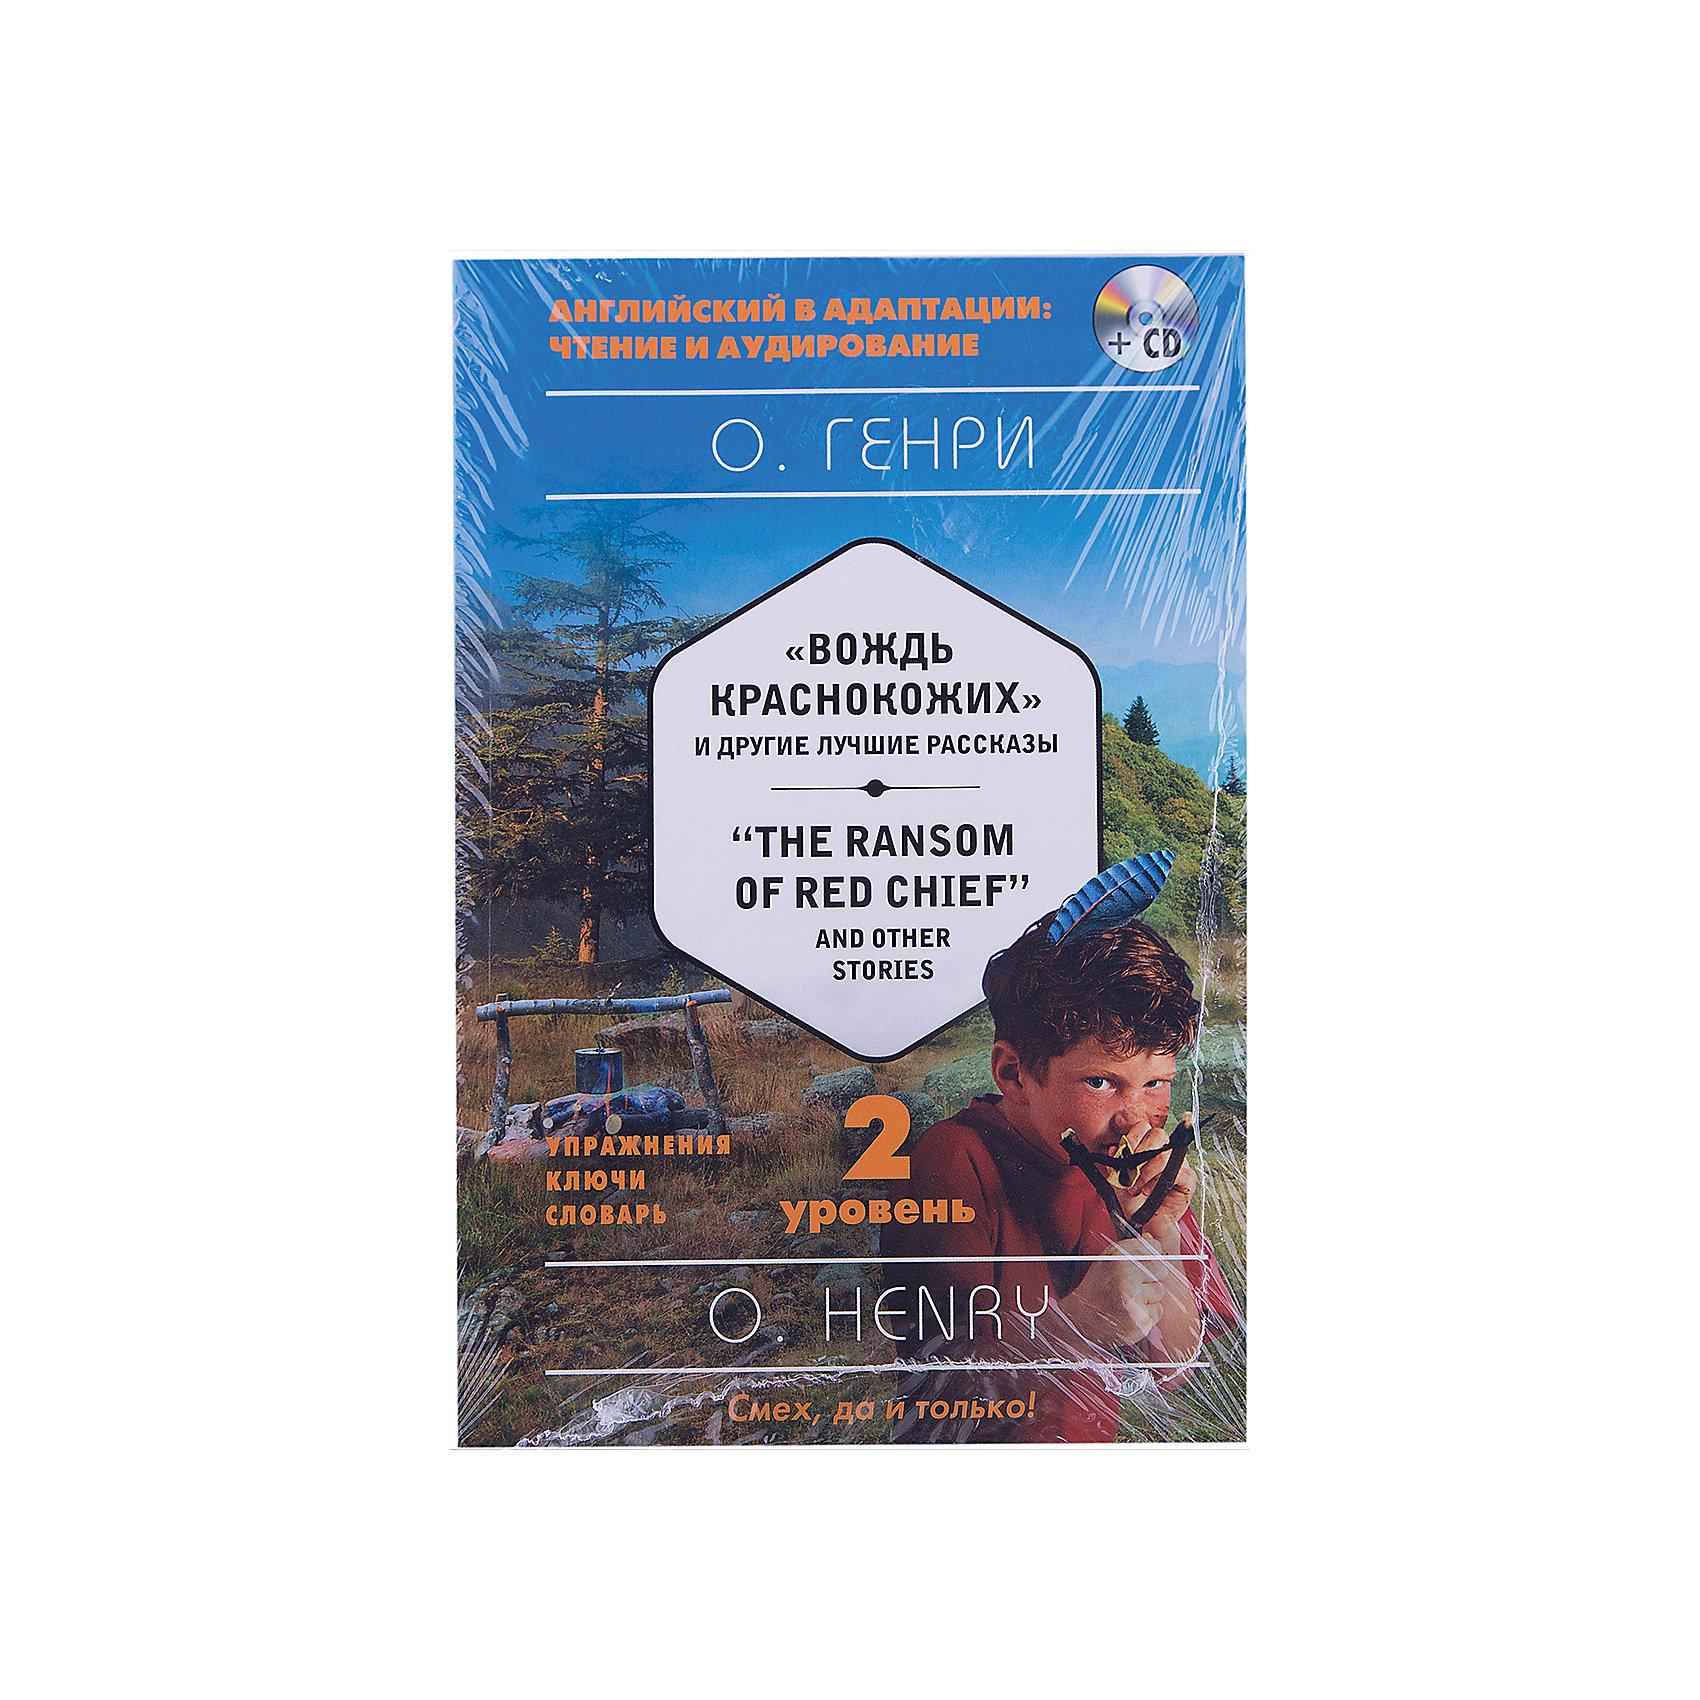 Вождь краснокожих и другие лучшие рассказы =  +CD, 2-й уровеньИностранный язык<br>В забавных рассказах О. Генри есть все: и занимательные сюжеты, и обаятельные персонажи, и неожиданные развязки. Теперь прочитать его рассказы смогут даже те, кто не очень уверенно читает по-английски.<br>Серия «Английский в адаптации: чтение и аудирование» – это тексты для начинающих, продолжающих и продвинутых. Теперь каждый изучающий английский может выбрать свой уровень и своих авторов и совершенствовать свой английский с лучшими произведениями англоязычной литературы! Читая и слушая текст на диске, а также выполняя упражнения на чтение, аудирование и новую лексику, читатели качественно улучшат свой английский. Они станут лучше воспринимать английскую речь на слух,  и работа с текстами станет эффективнее. Аудиозапись начитана носителями языка.<br>Книга предназначена для изучающих английский язык на продолжающем уровне.<br><br>Ширина мм: 200<br>Глубина мм: 140<br>Высота мм: 10<br>Вес г: 157<br>Возраст от месяцев: 144<br>Возраст до месяцев: 192<br>Пол: Унисекс<br>Возраст: Детский<br>SKU: 6878167